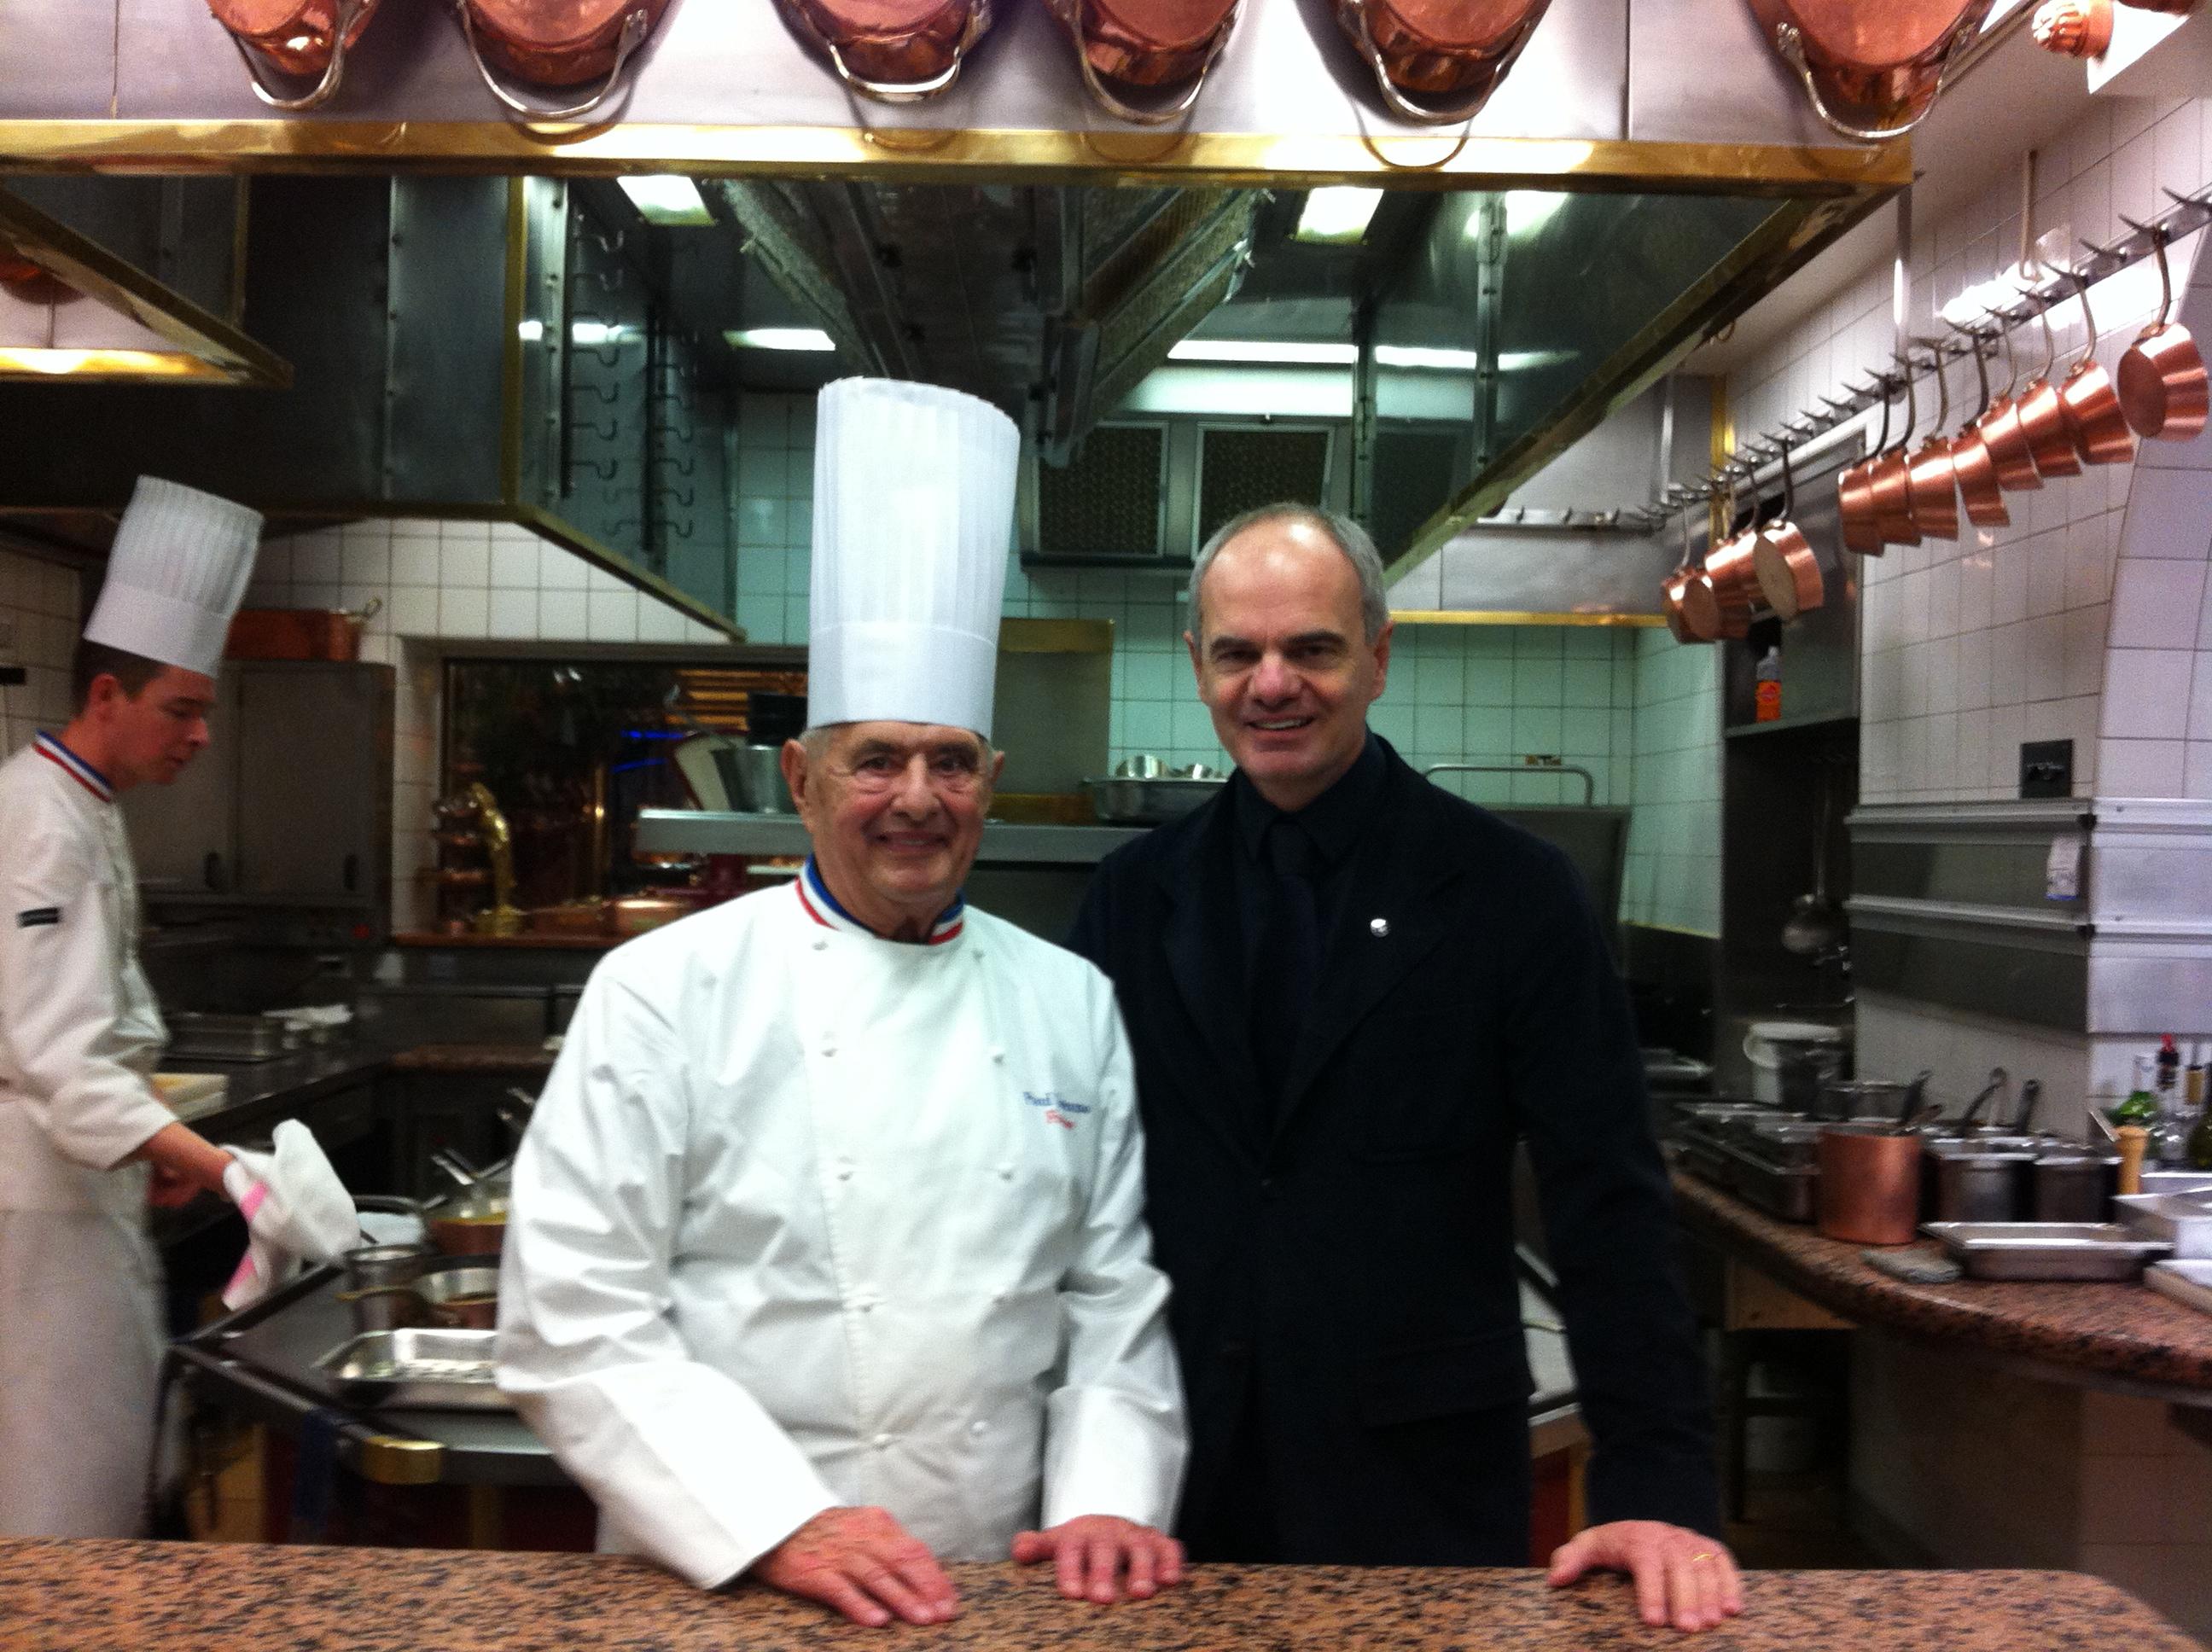 Derflingher (kanan) bersama koki Paul Bocuse, yang mendirikan asosiasi Euro Toques.